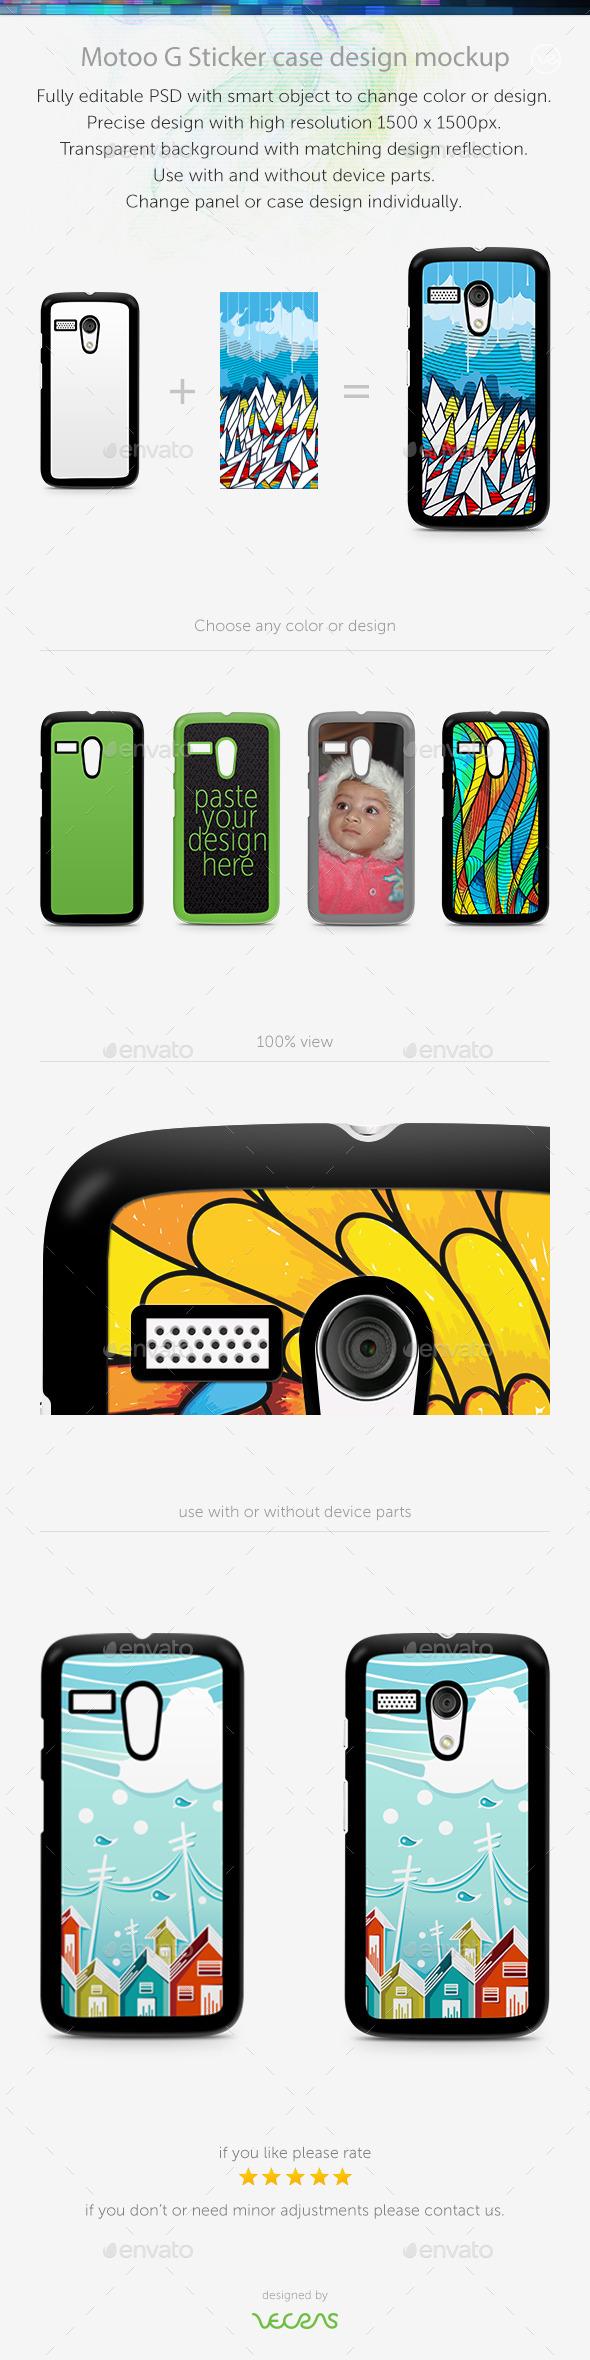 Motoo G Sticker Case Design Mockup - Mobile Displays